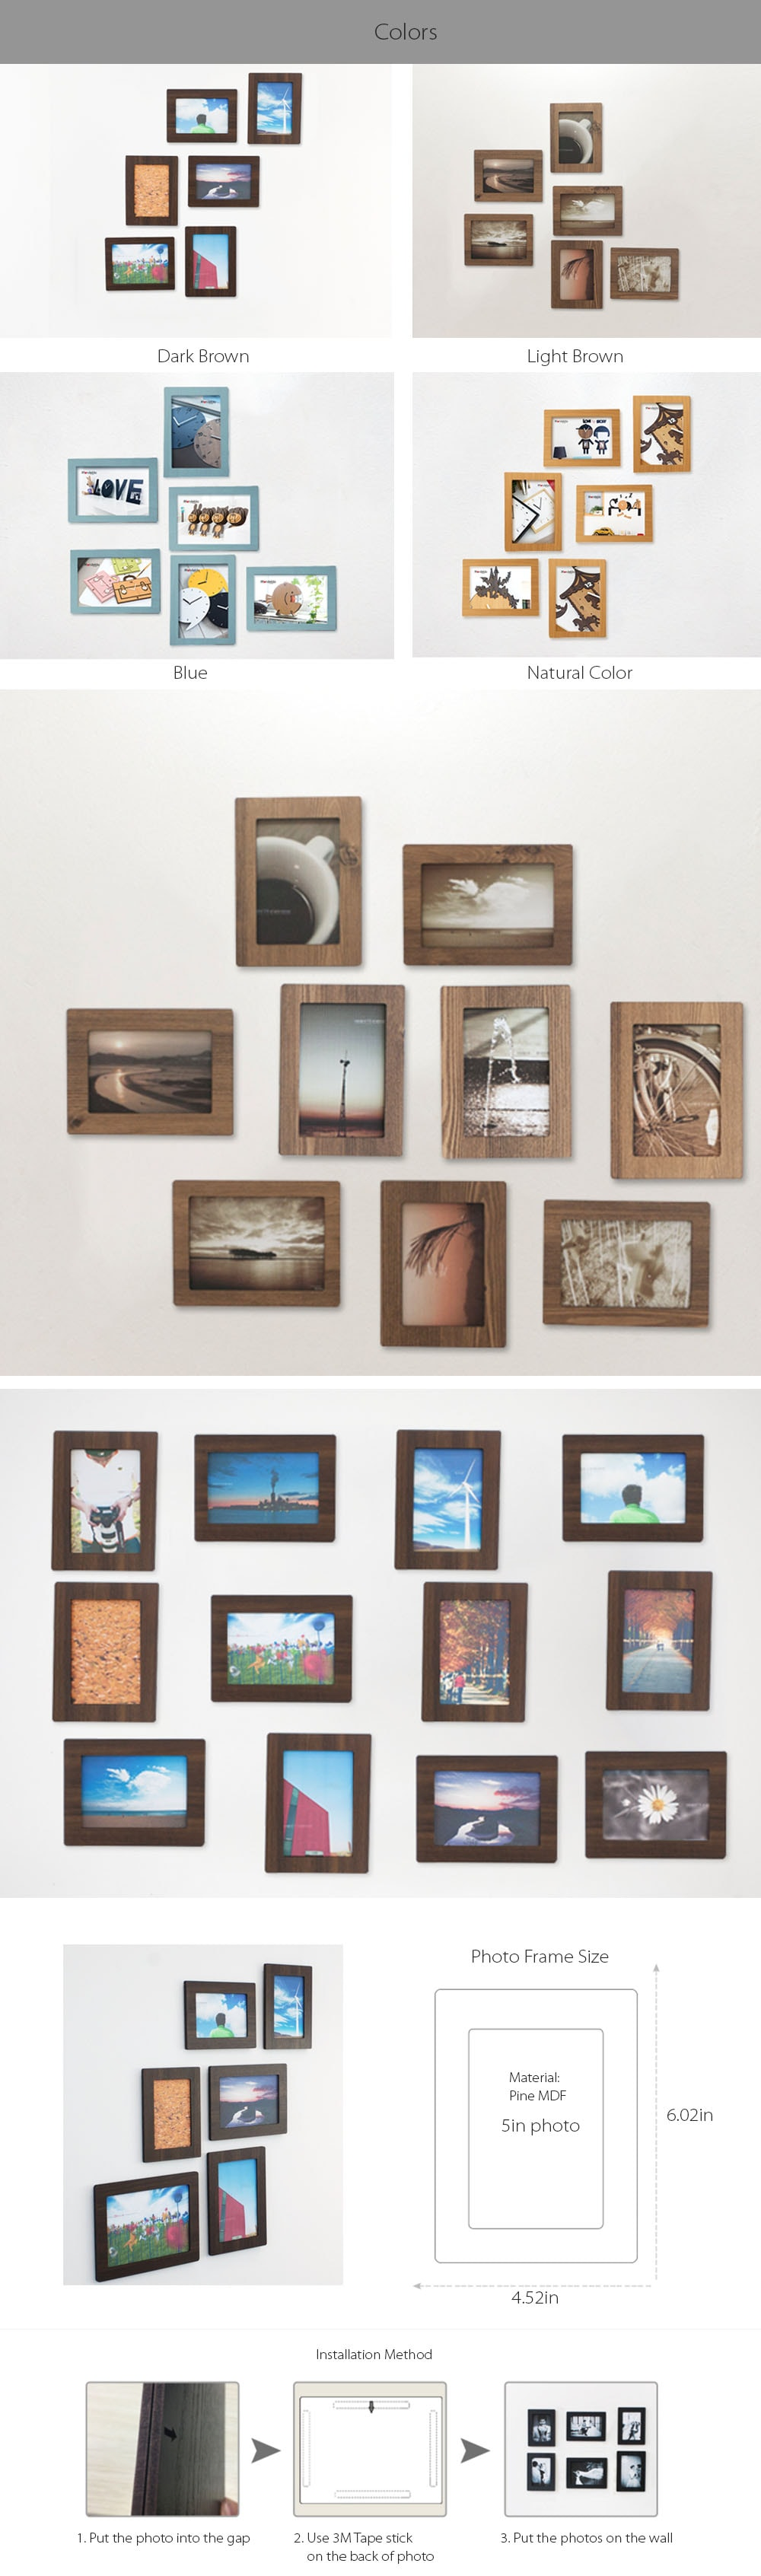 6 Piece Photo Frame Set Apollobox